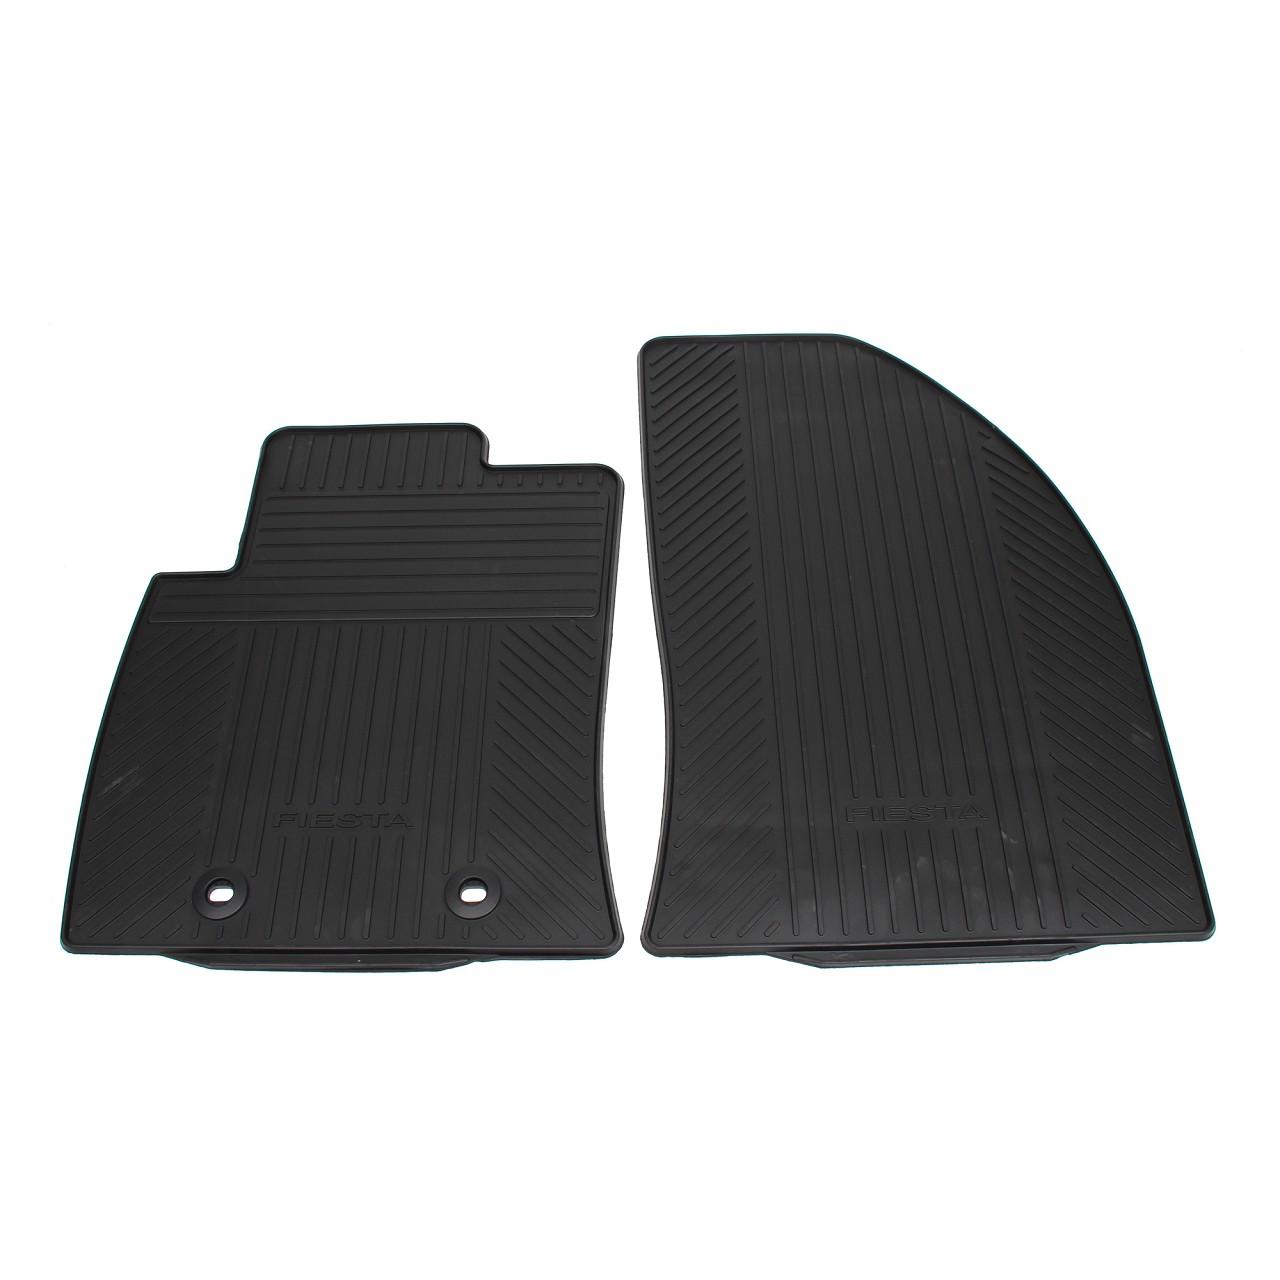 ORIGINAL Ford Gummimatten Fußmatten Automatten Satz FIESTA V MK5 vorne 1446603